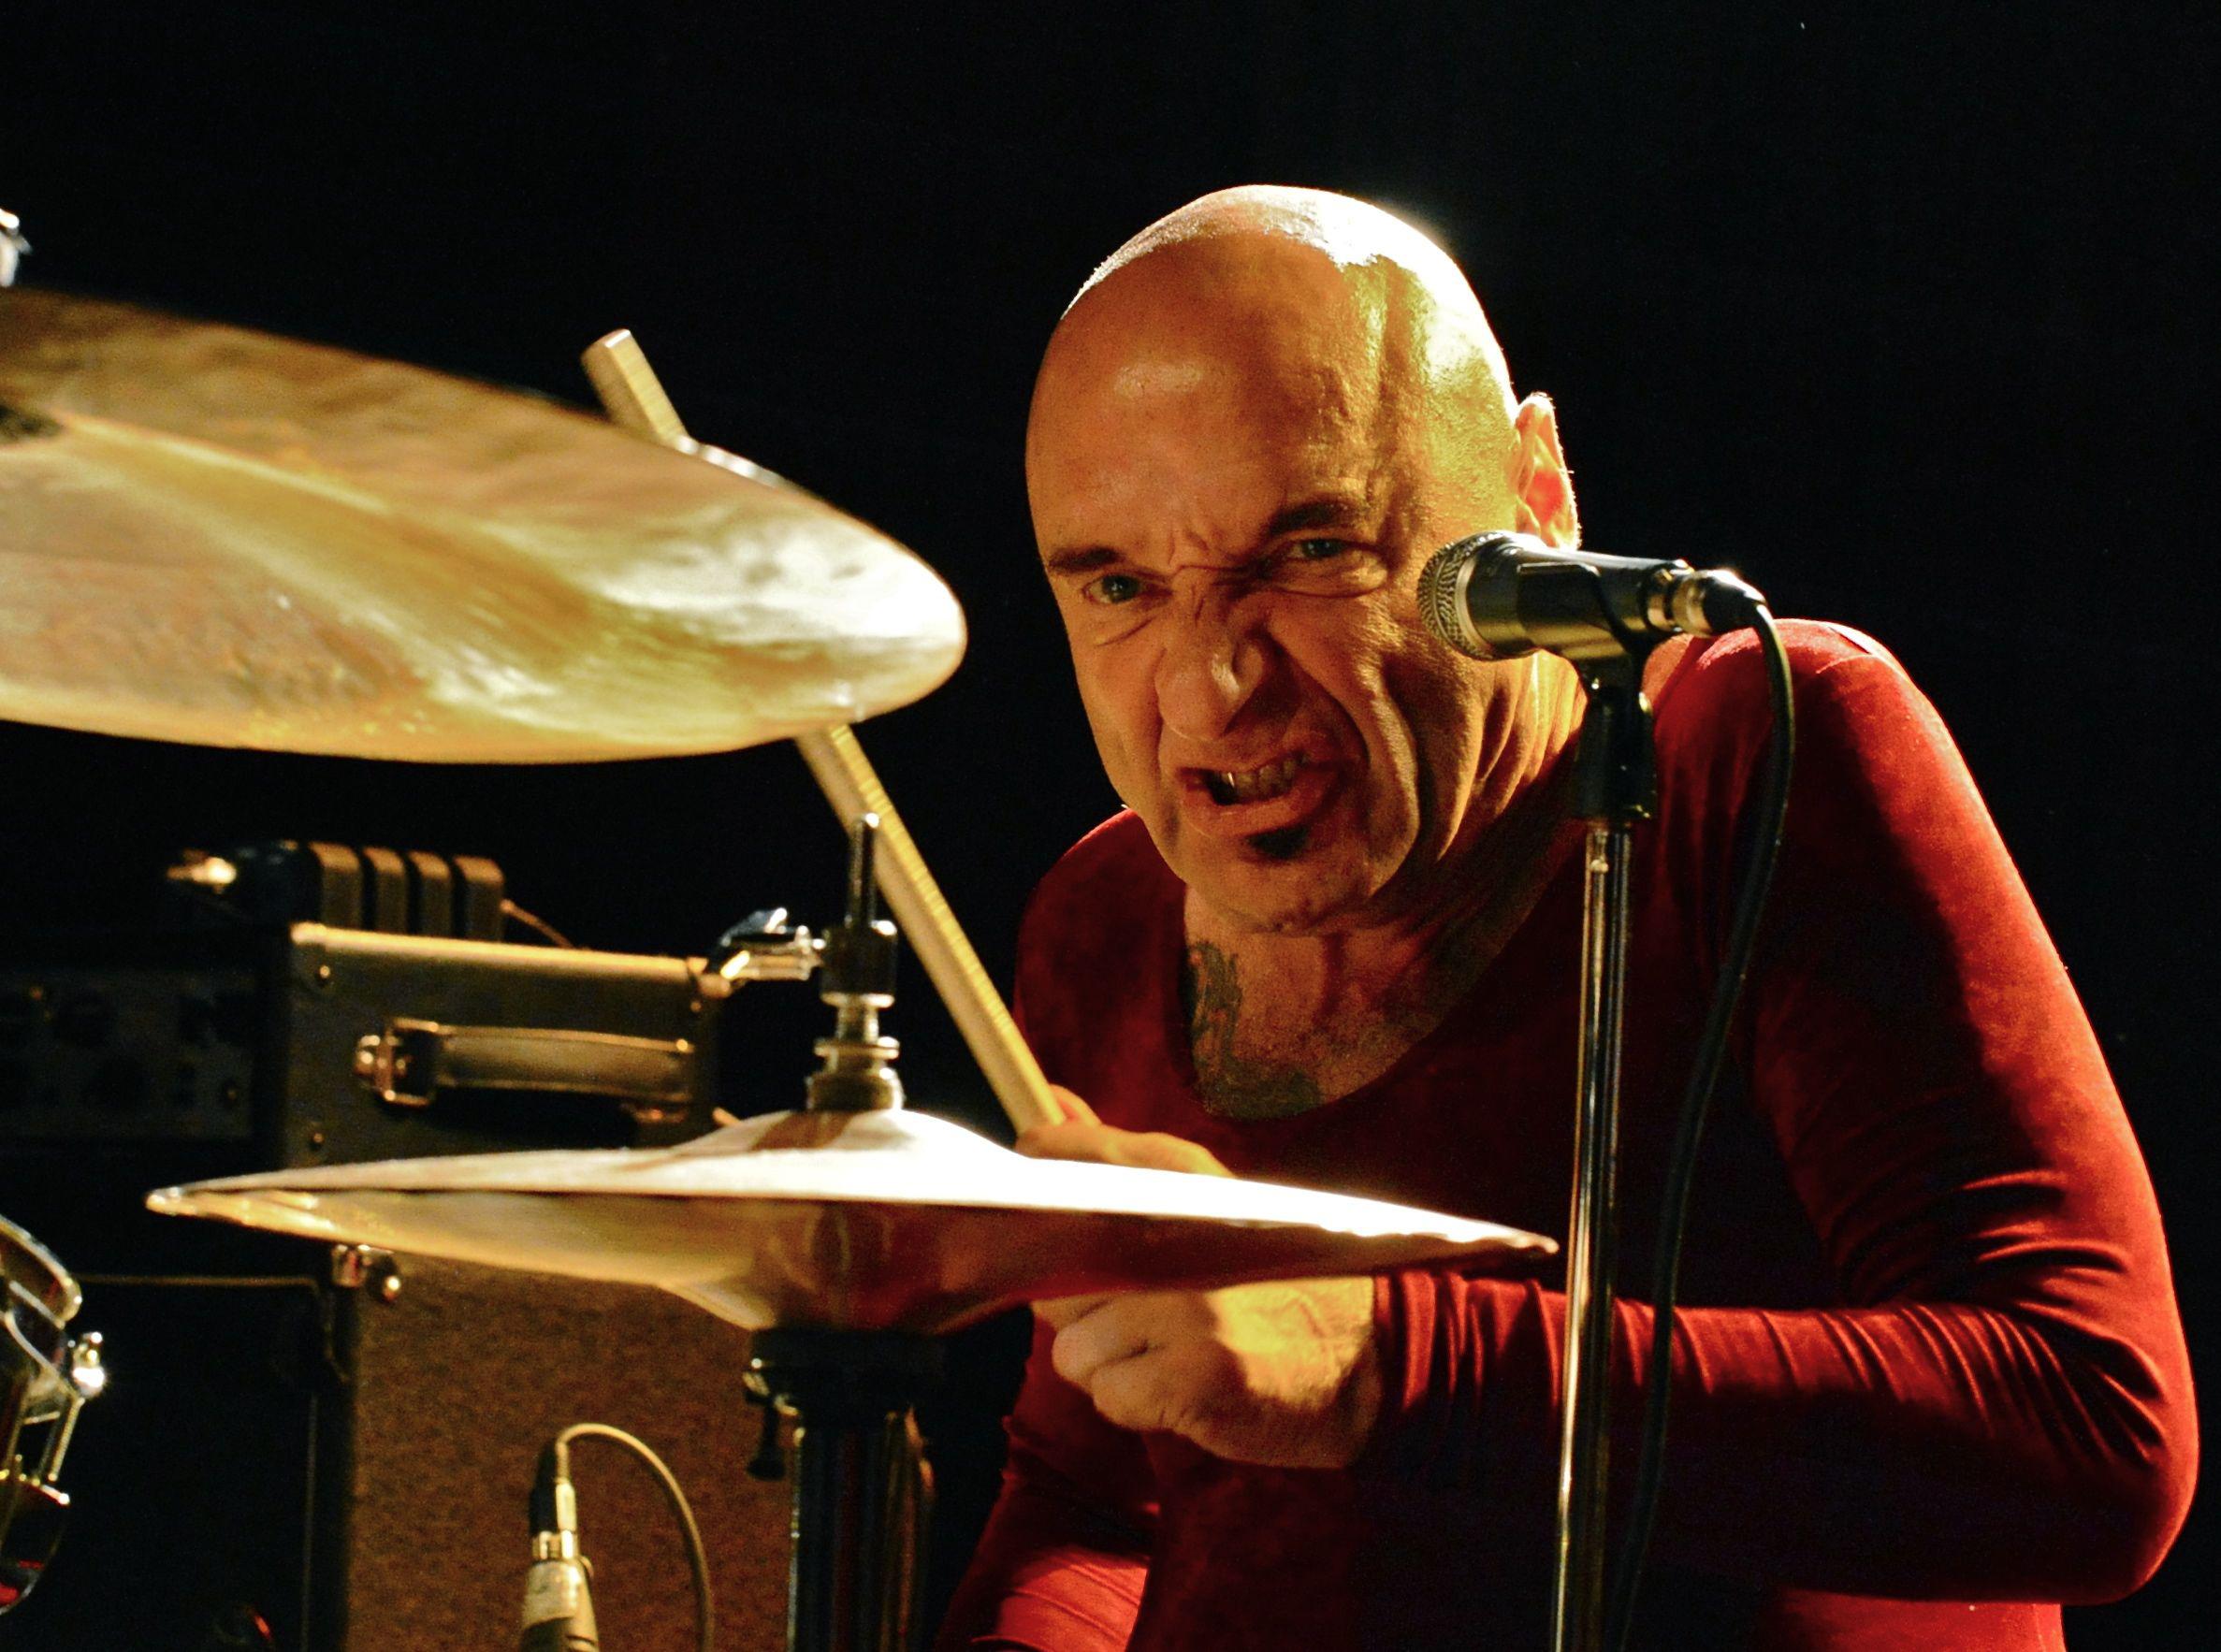 Jan Pethman